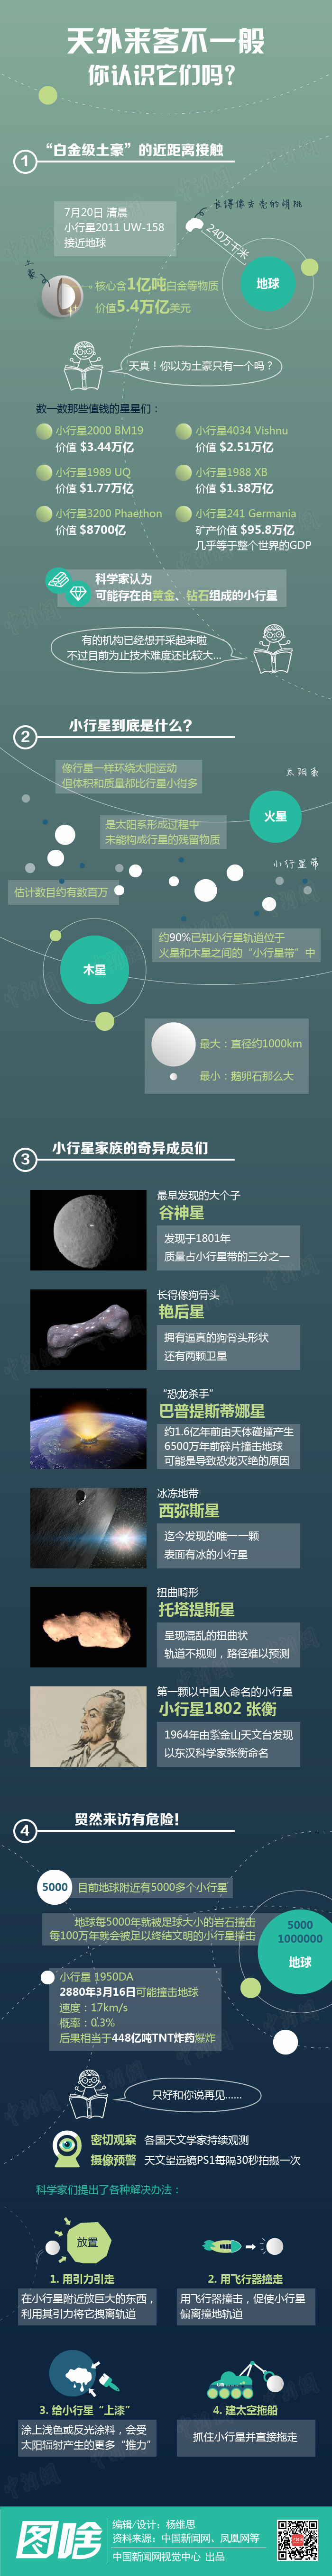 土豪小行星来看地球啦! - 海阔山遥 - .